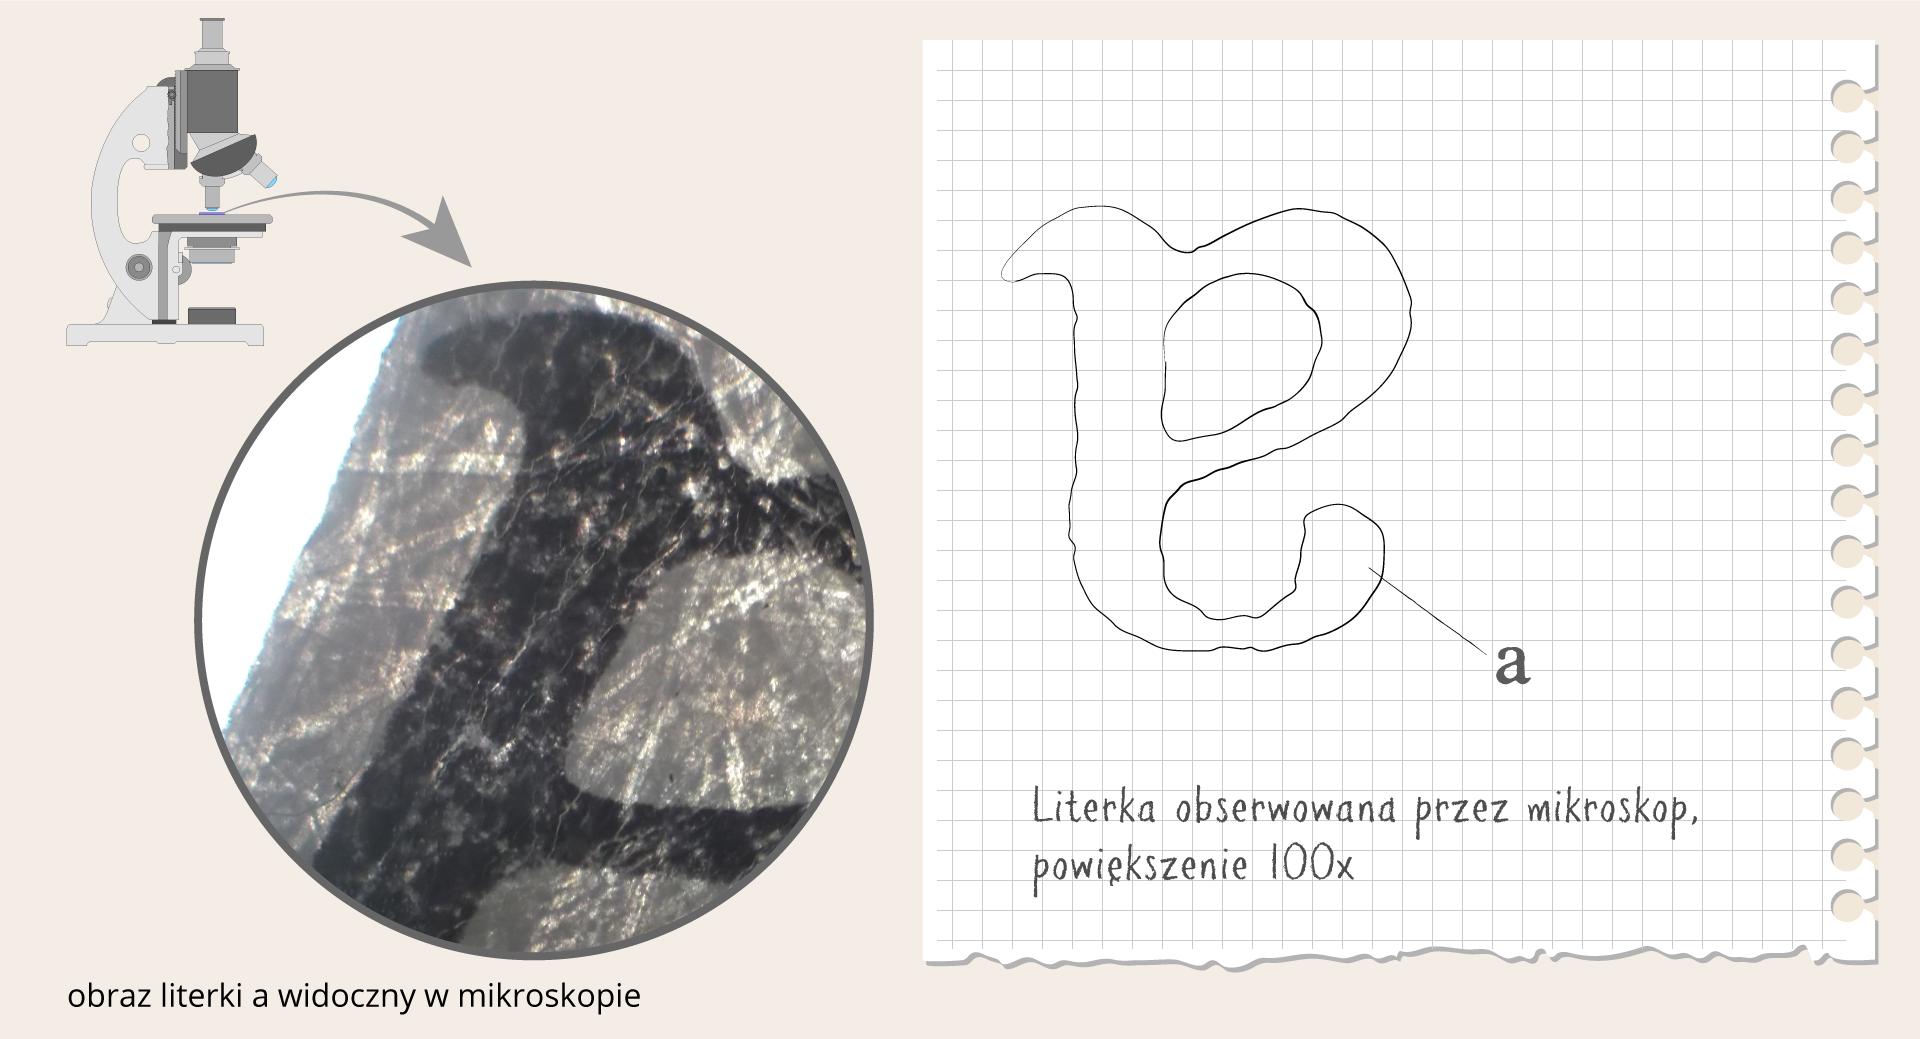 Galeria składa się zdwóch ilustracji. Każda znich jest podzielona na dwie części. Pierwsza czarno – biała ilustracja po lewej przedstawia mikroskop oraz odwrócony ipowiększony obraz literki a. Po prawej na kartce zzeszytu znajduje się rysunek obserwowanej litery wpowiększeniu sto razy.